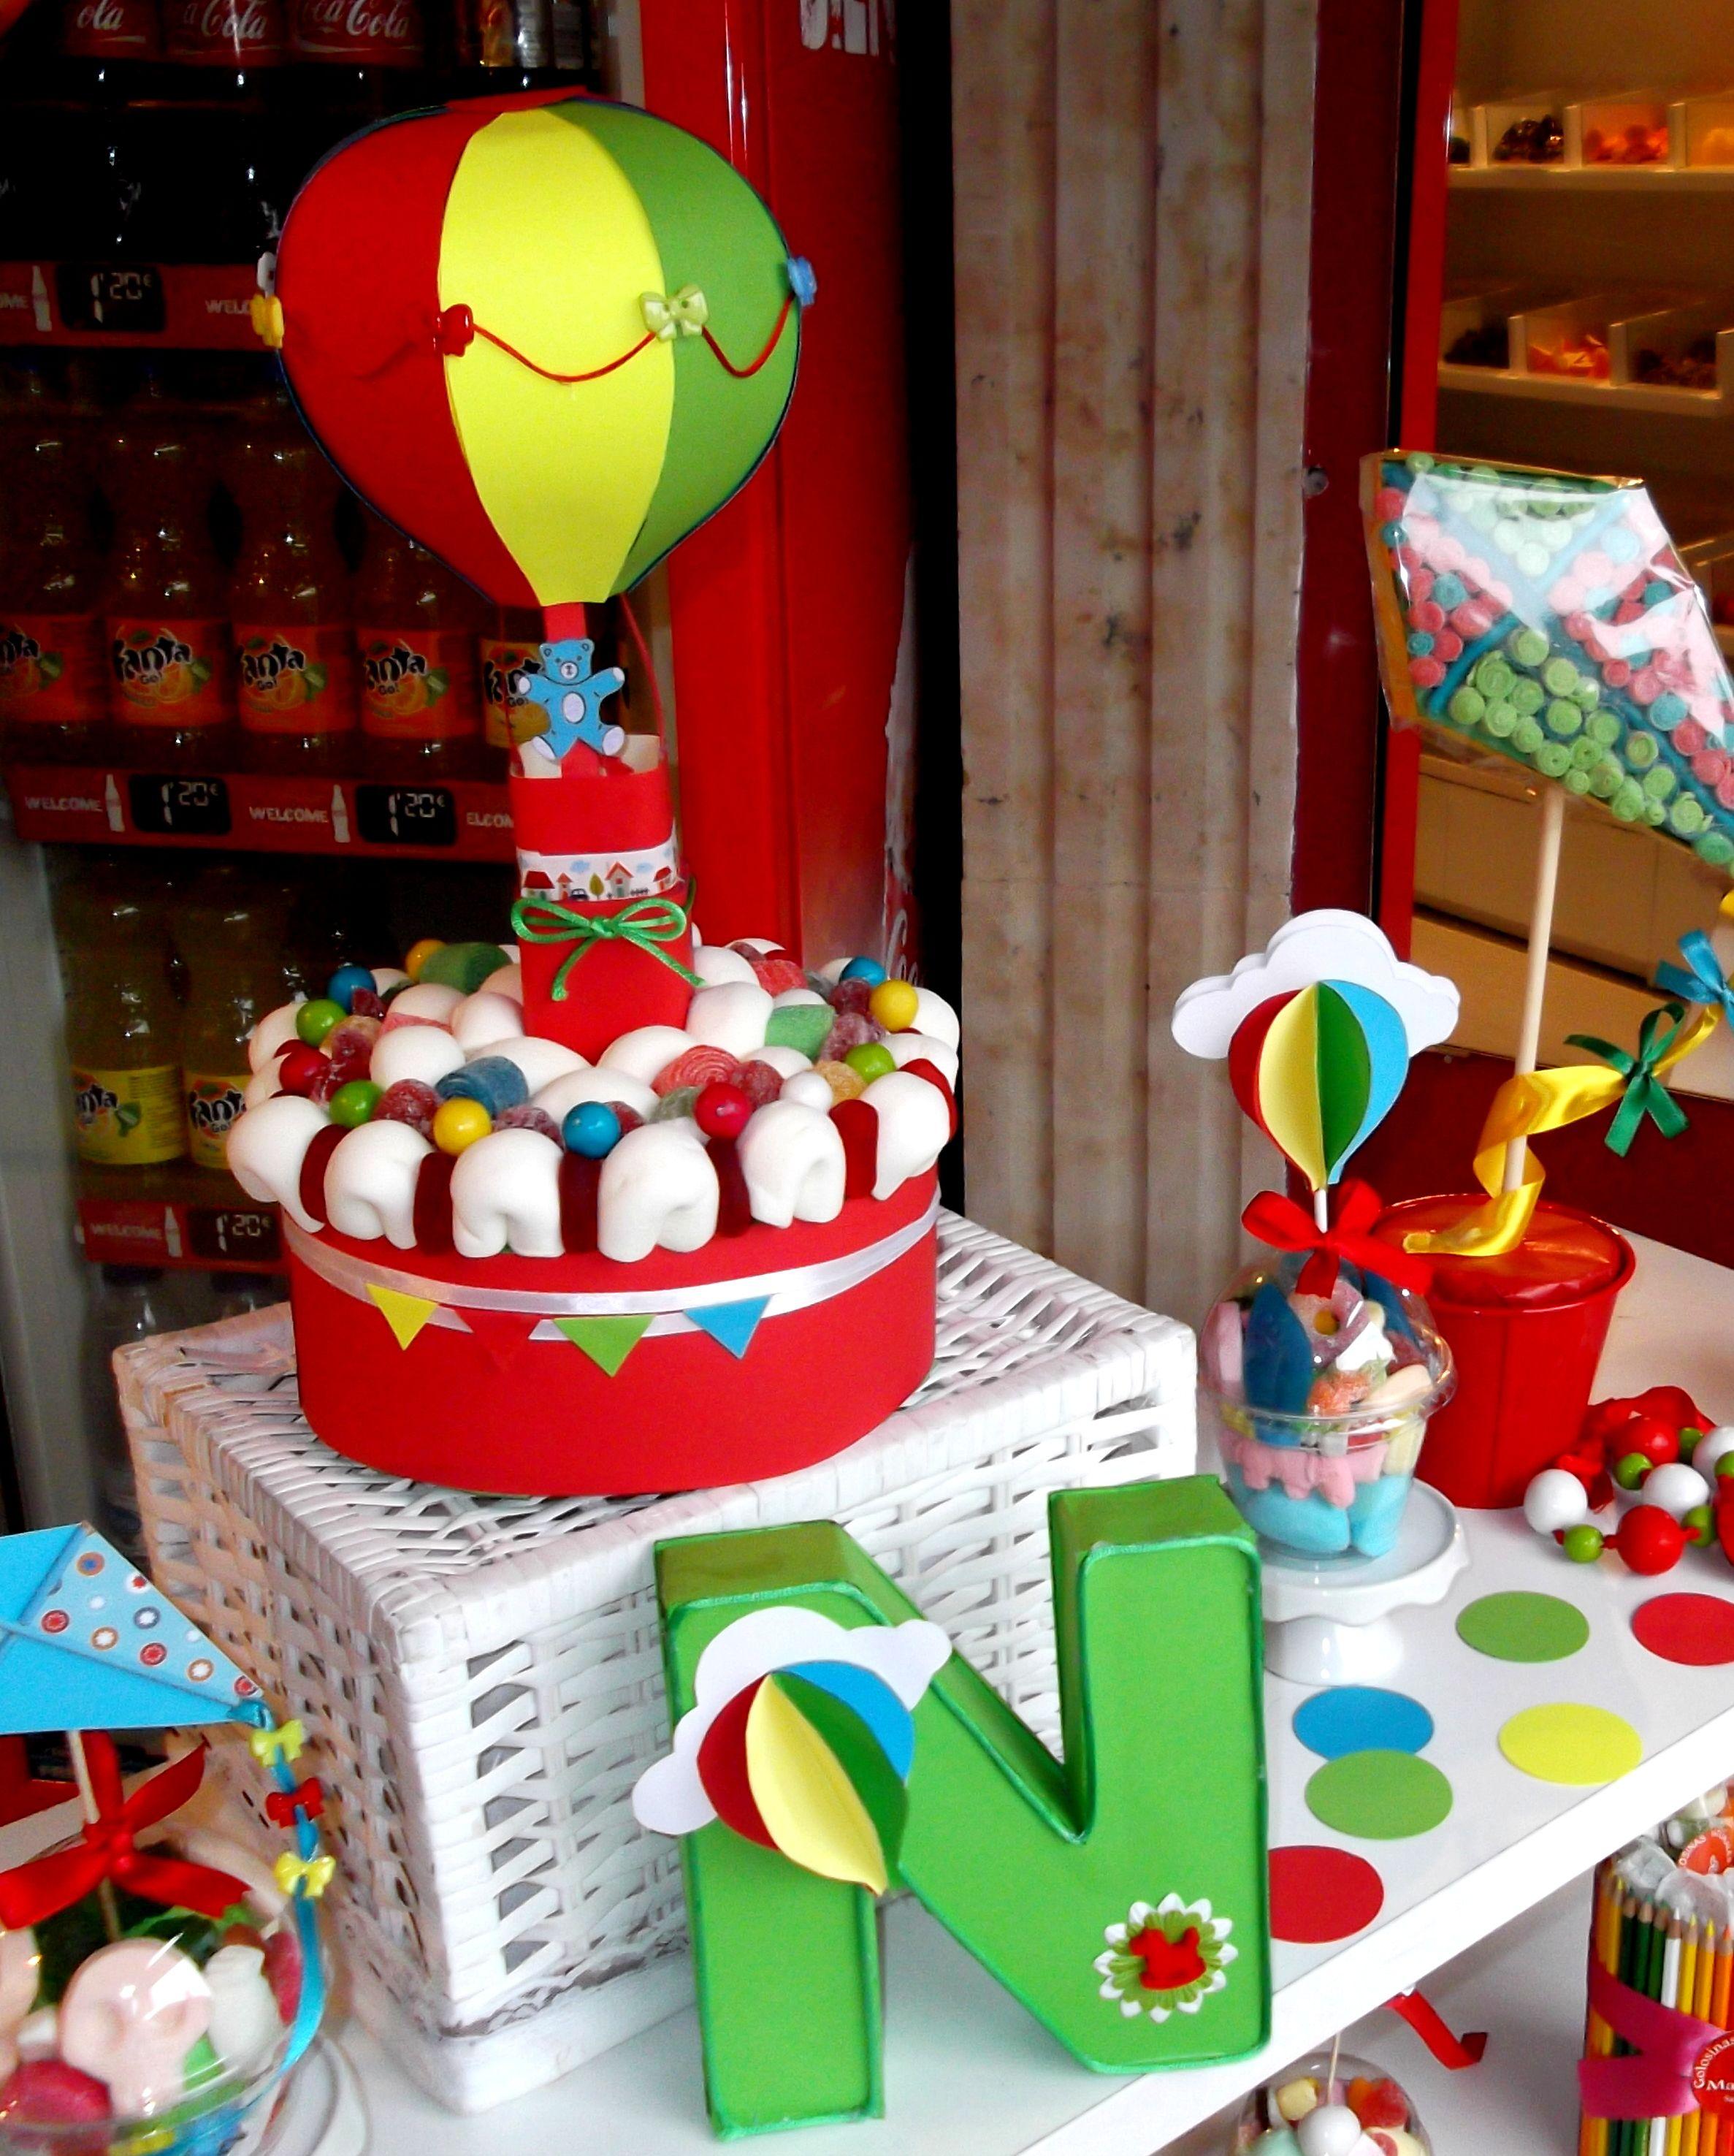 Sweet cake tarta de golosinas con globo aerostatico 3d - Decorar con globos ...